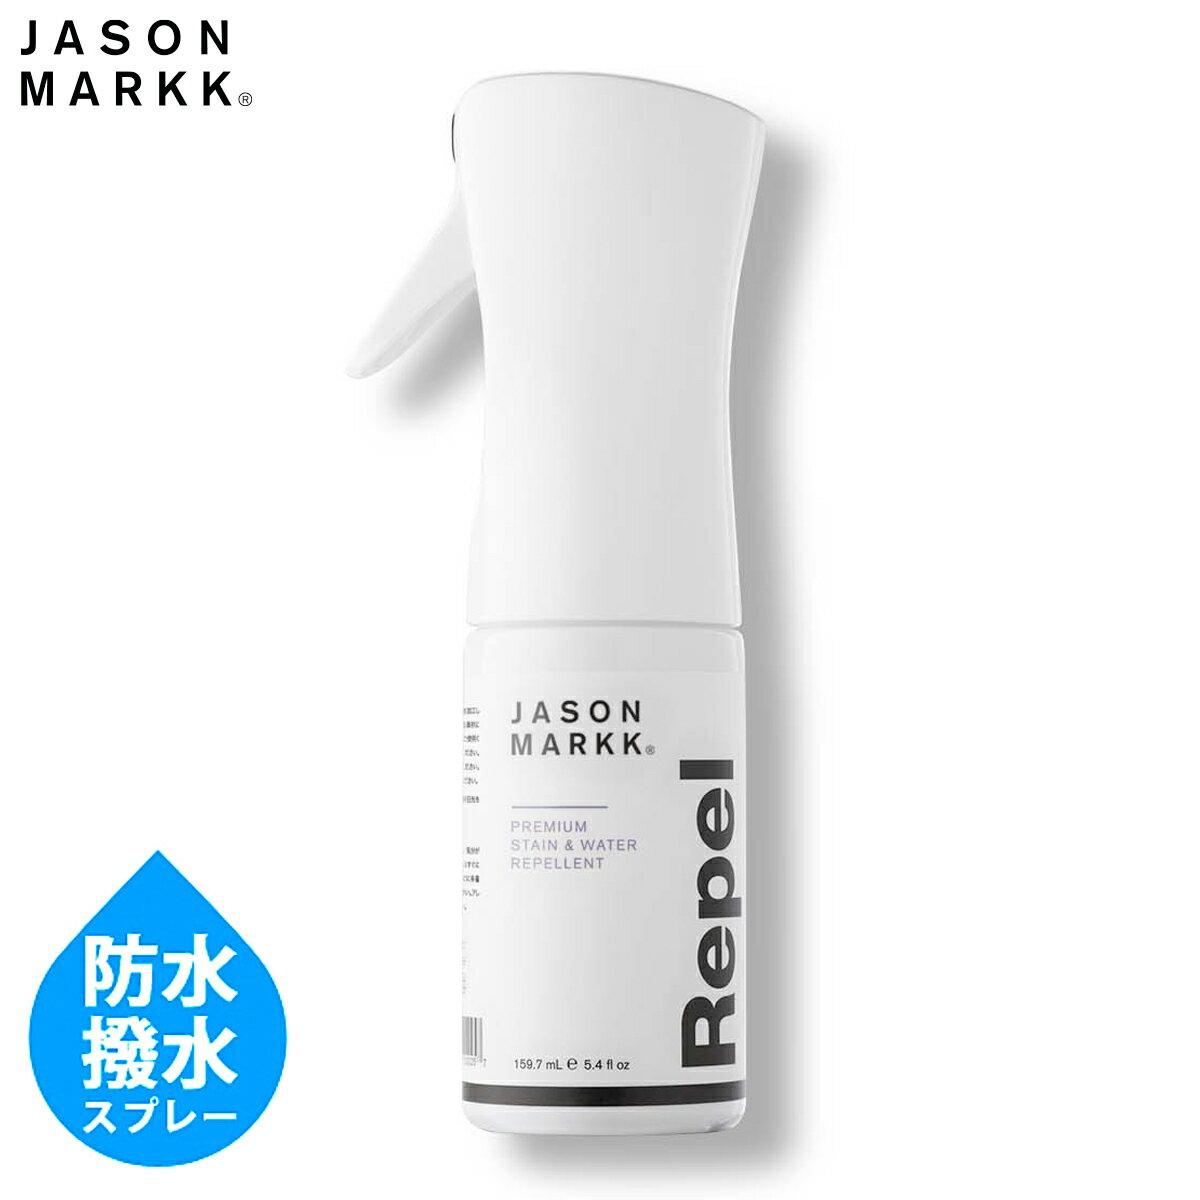 【送料無料】JASON MARKK REPEL 8oz. 【防水スプレー】ジェイソンマーク リペル 8オンス 236ml